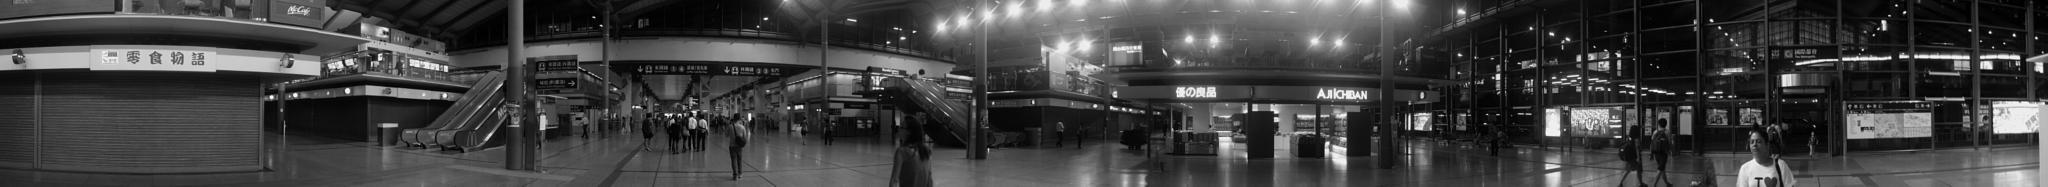 ...the Hongkong International Airport... by cyccanhk